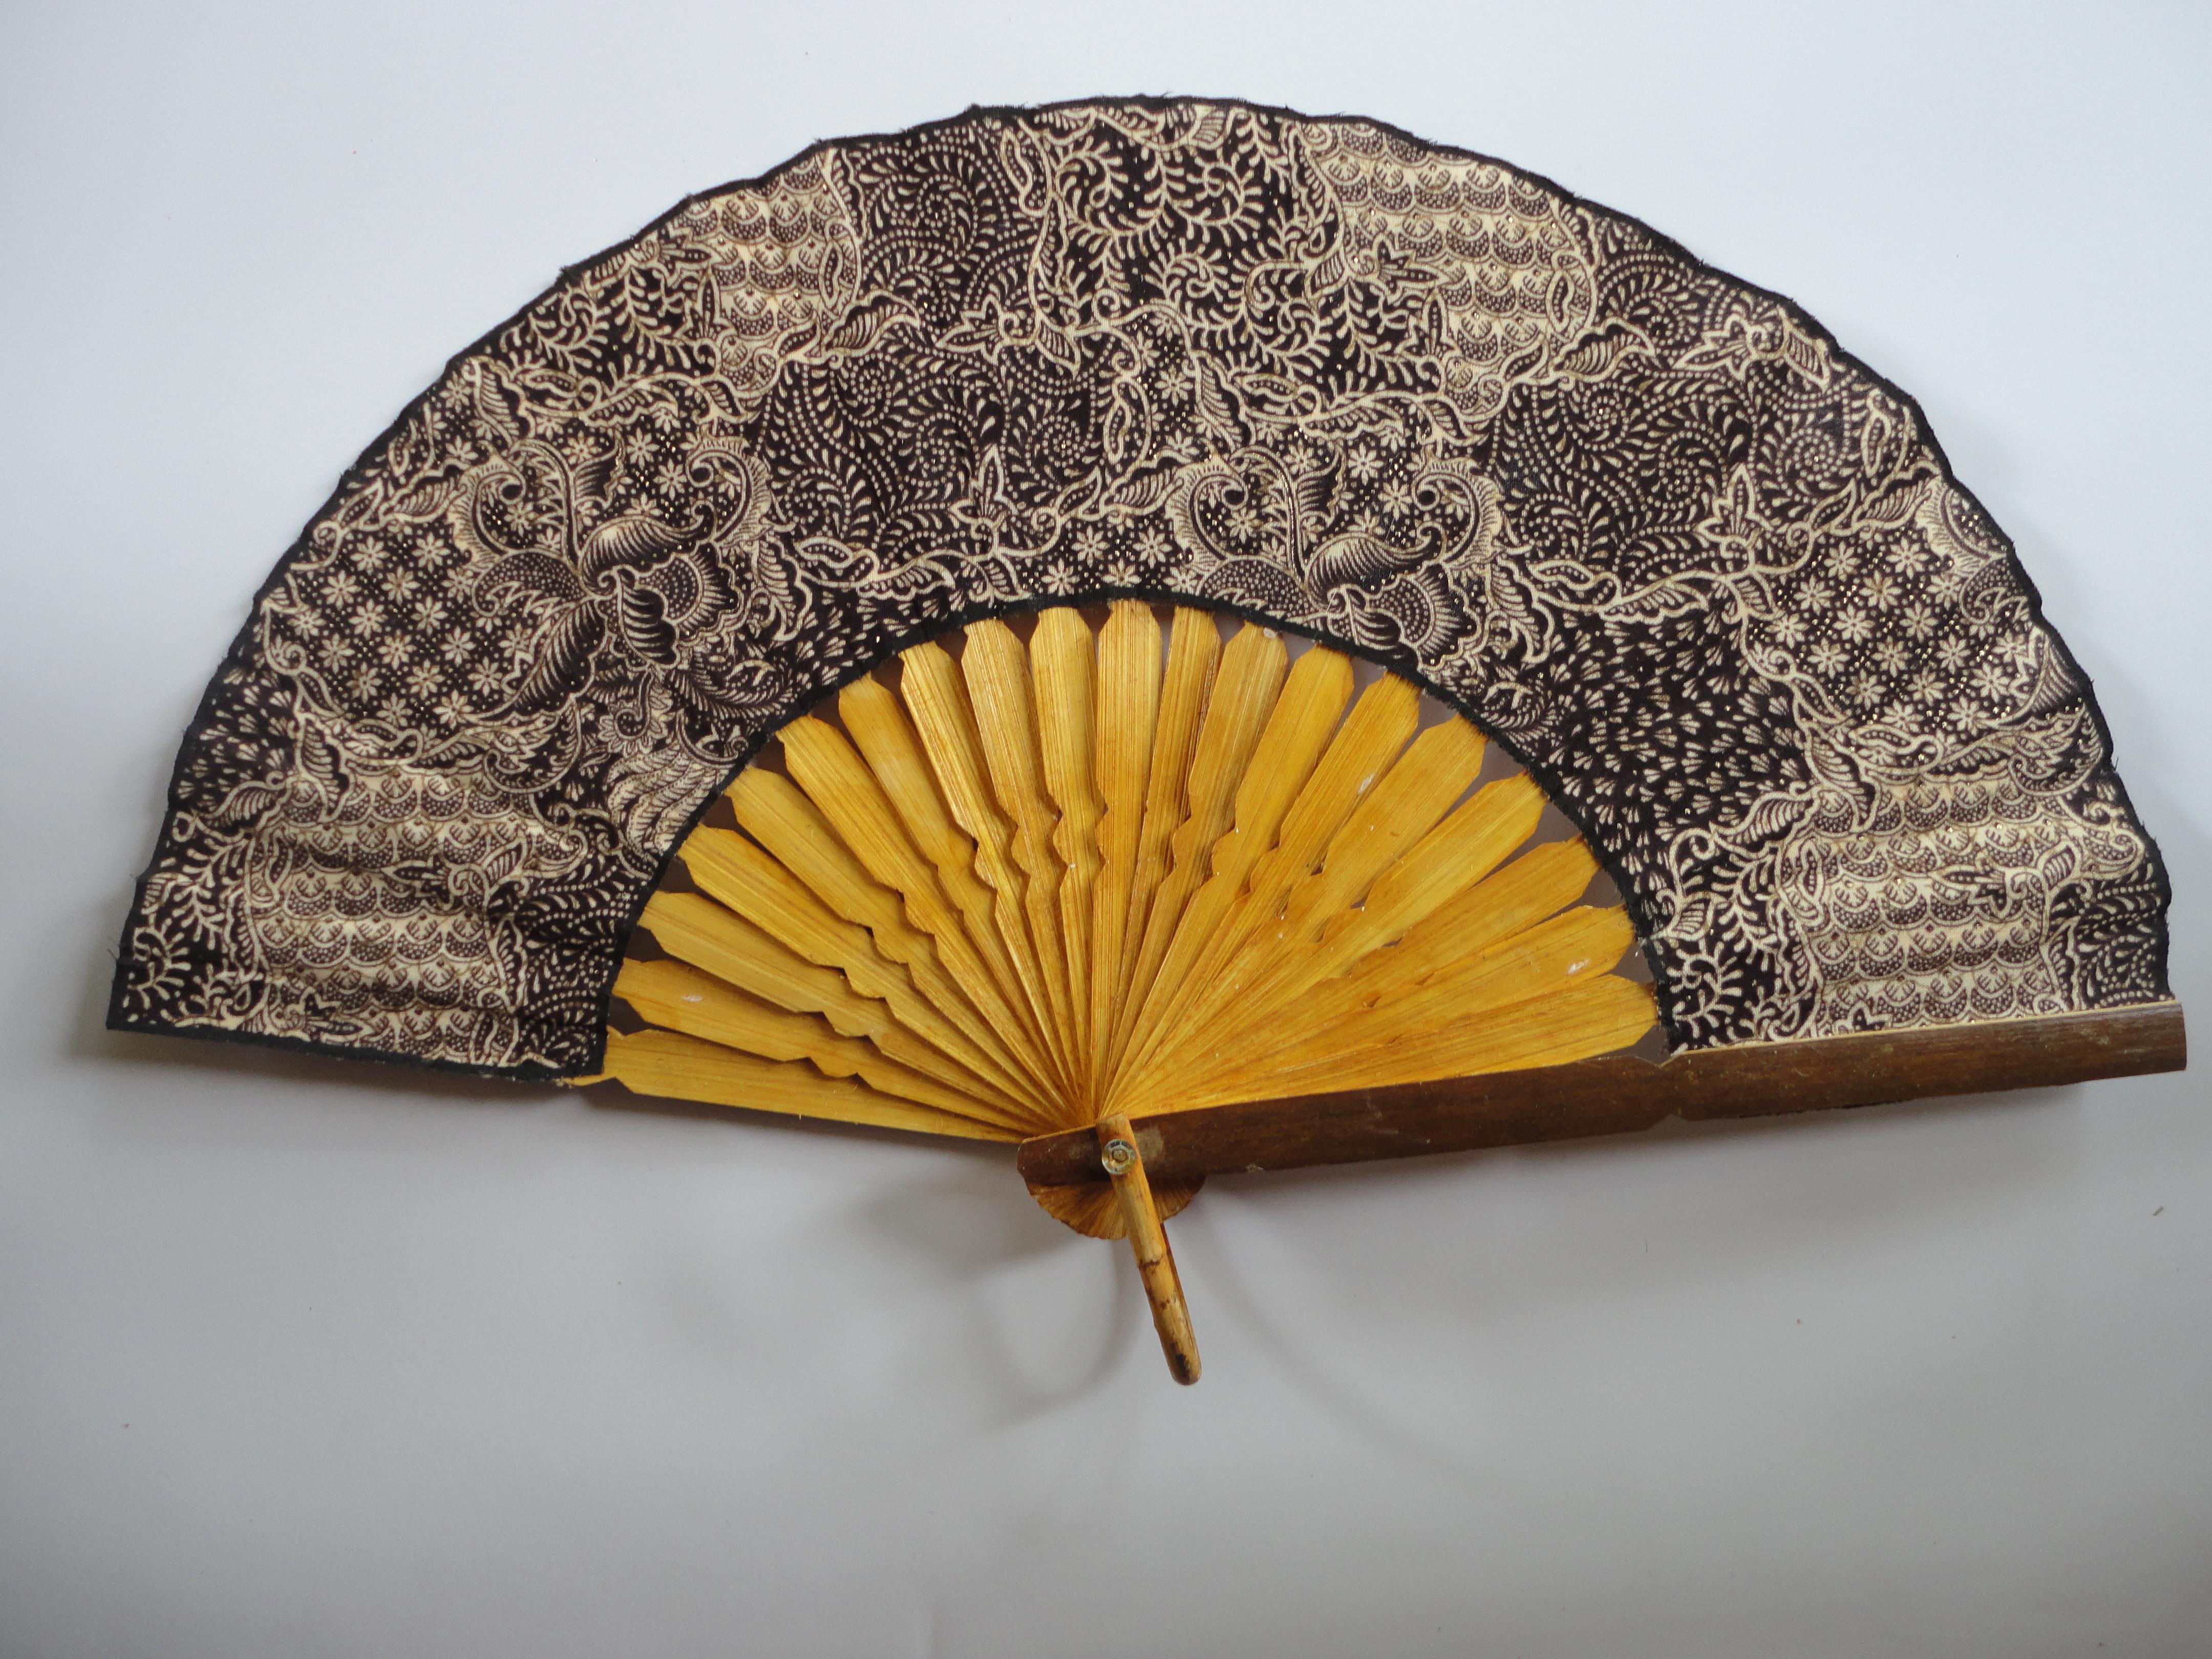 Kipas Wayang Souvenir Kertas Kain Tangkai Bambu 1